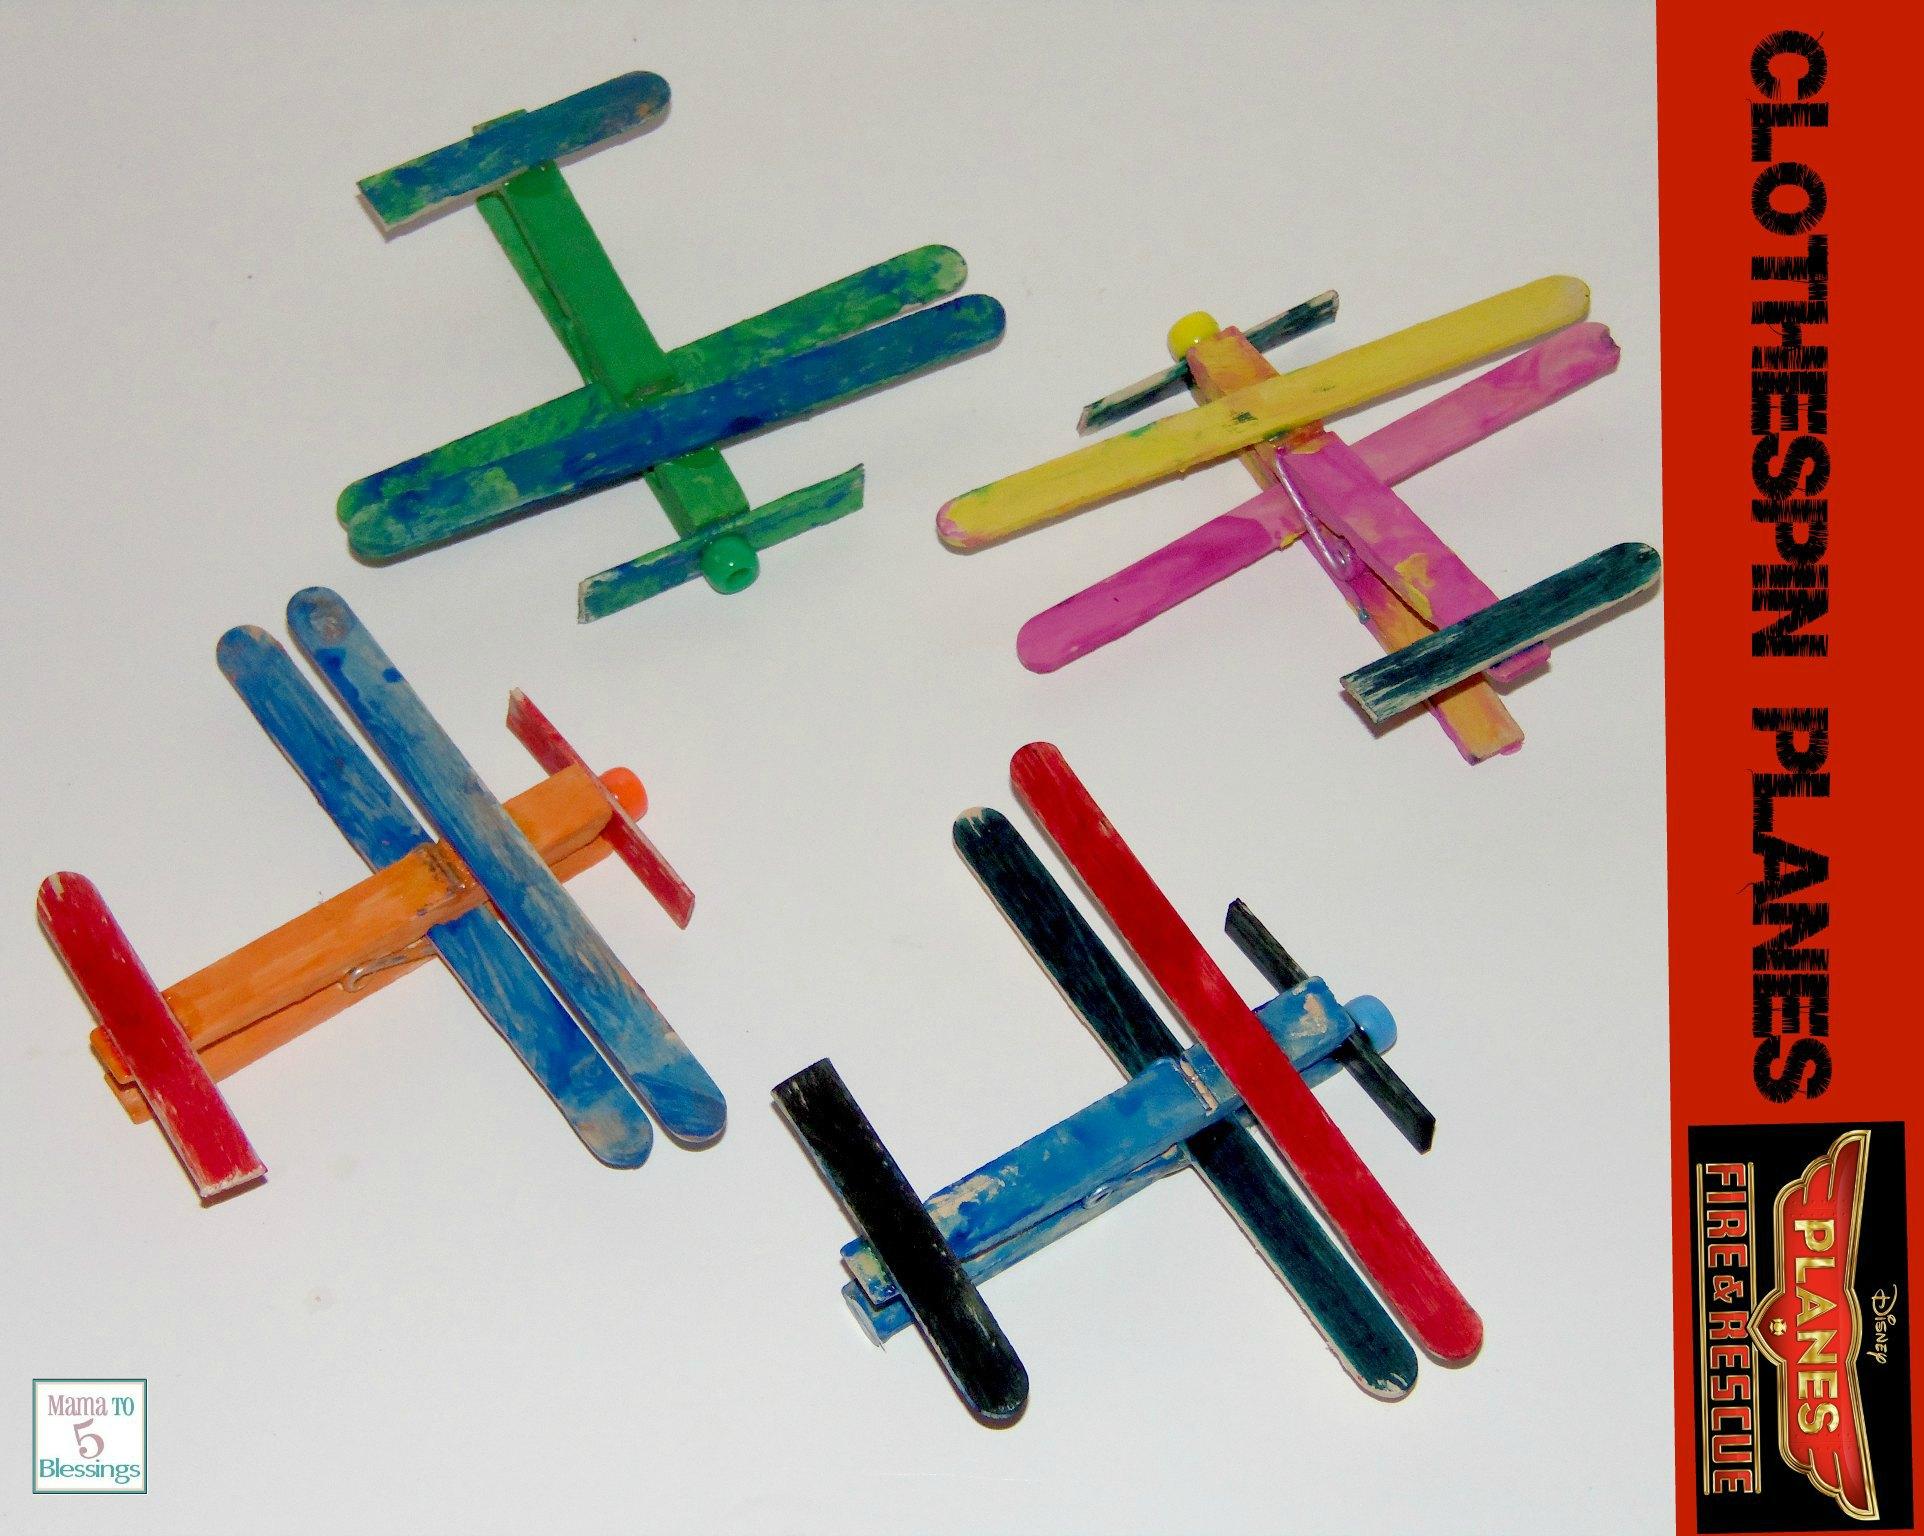 clothespins planes